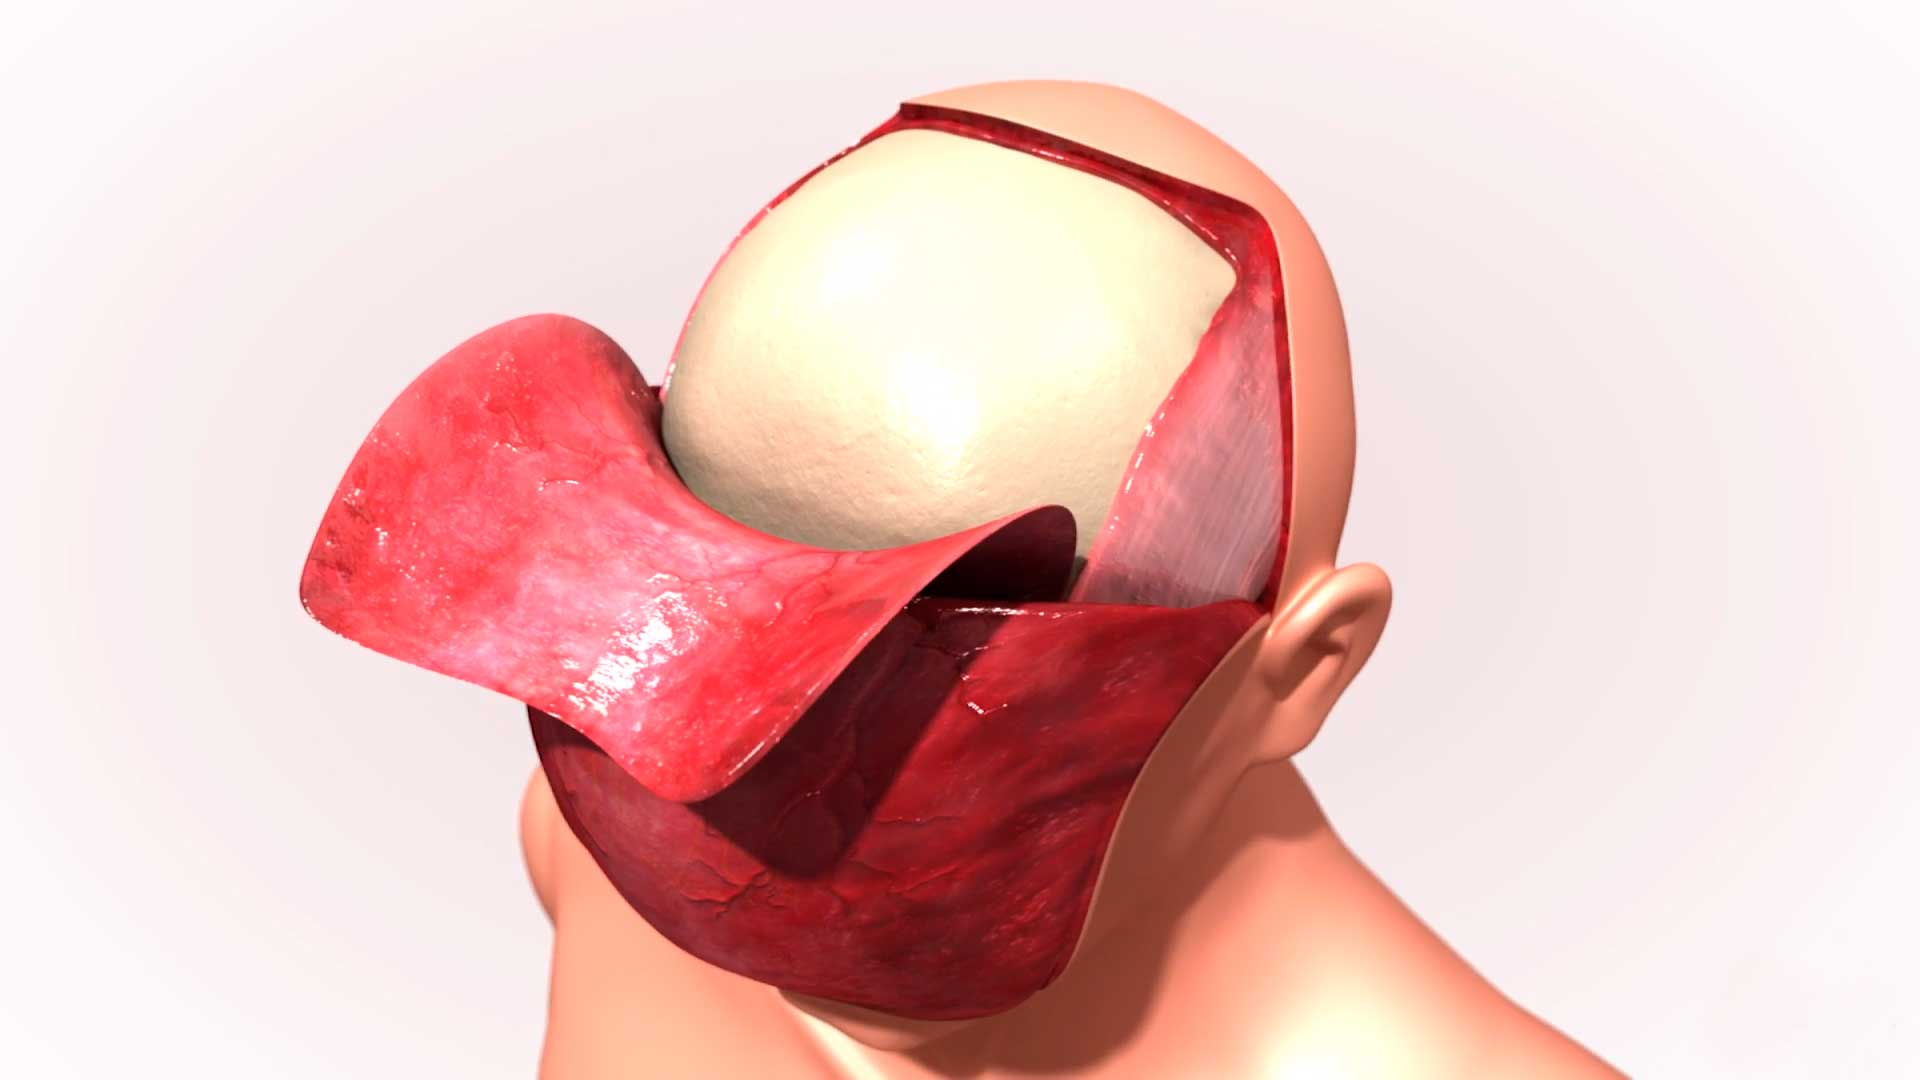 Vídeos de cirugía